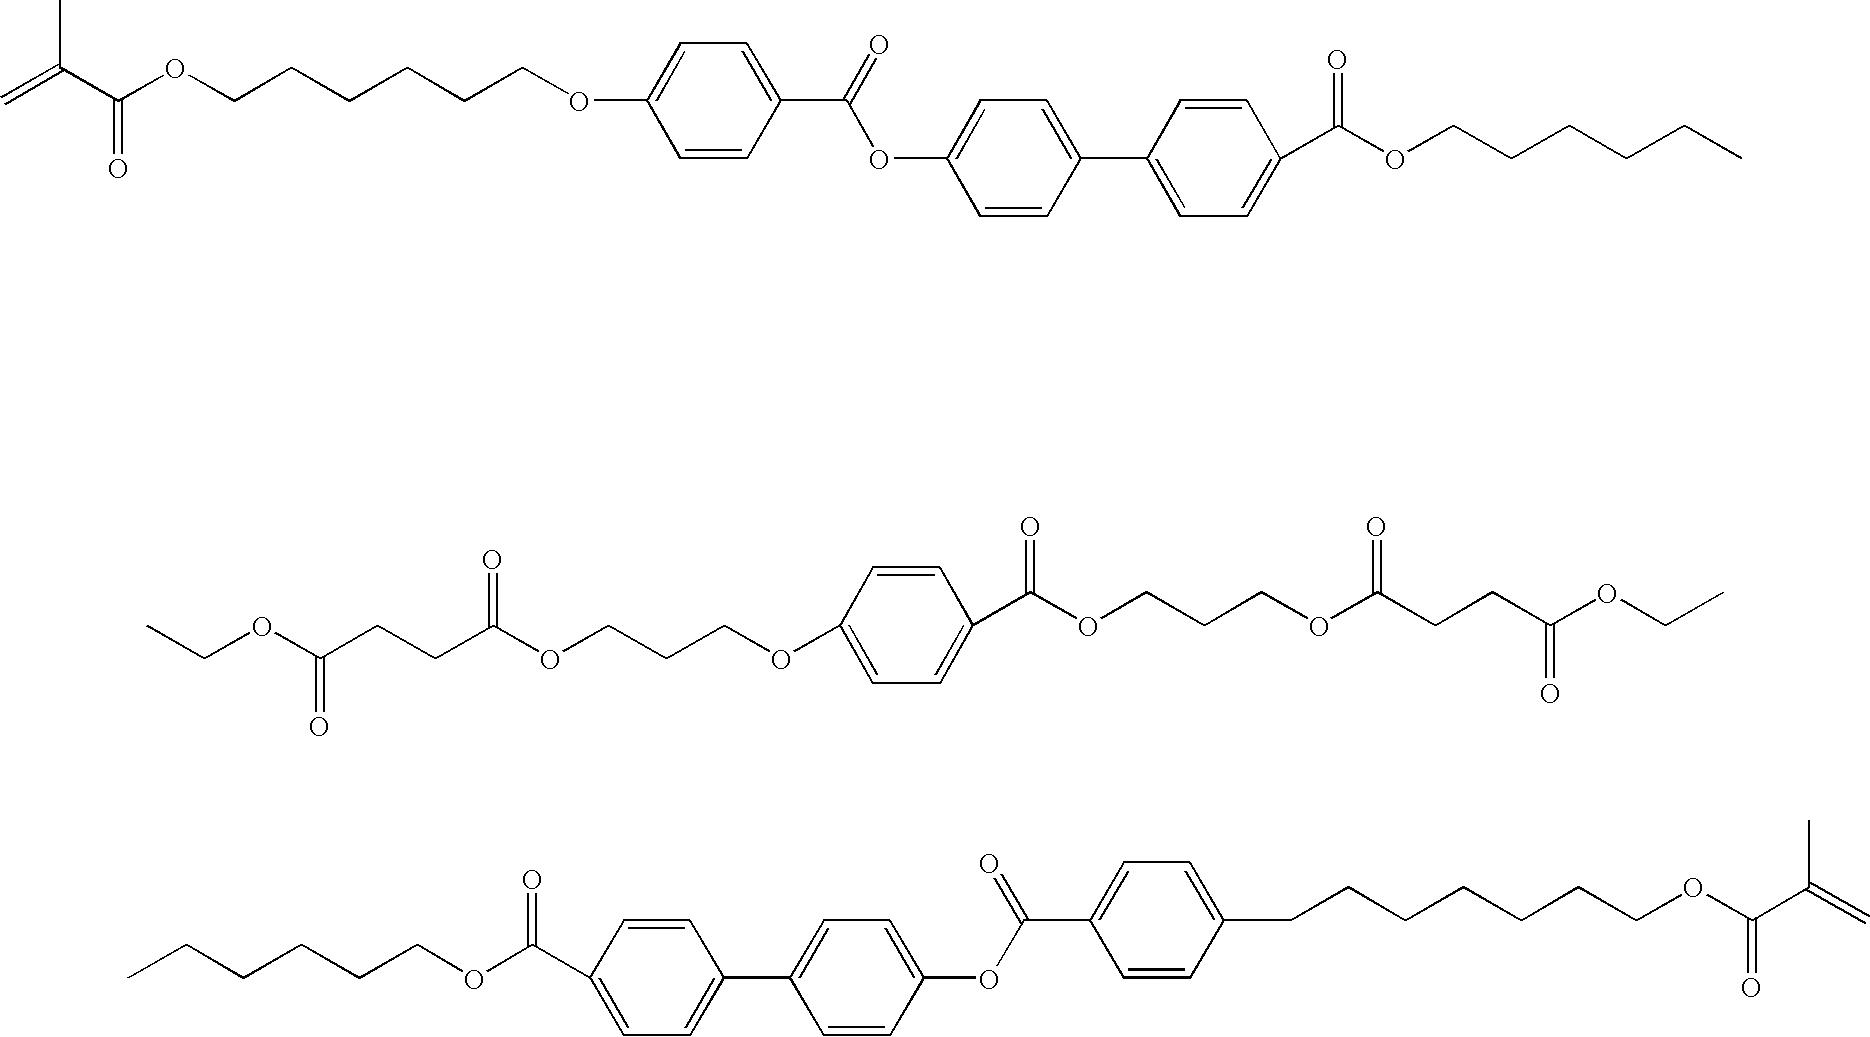 Figure US20100014010A1-20100121-C00027